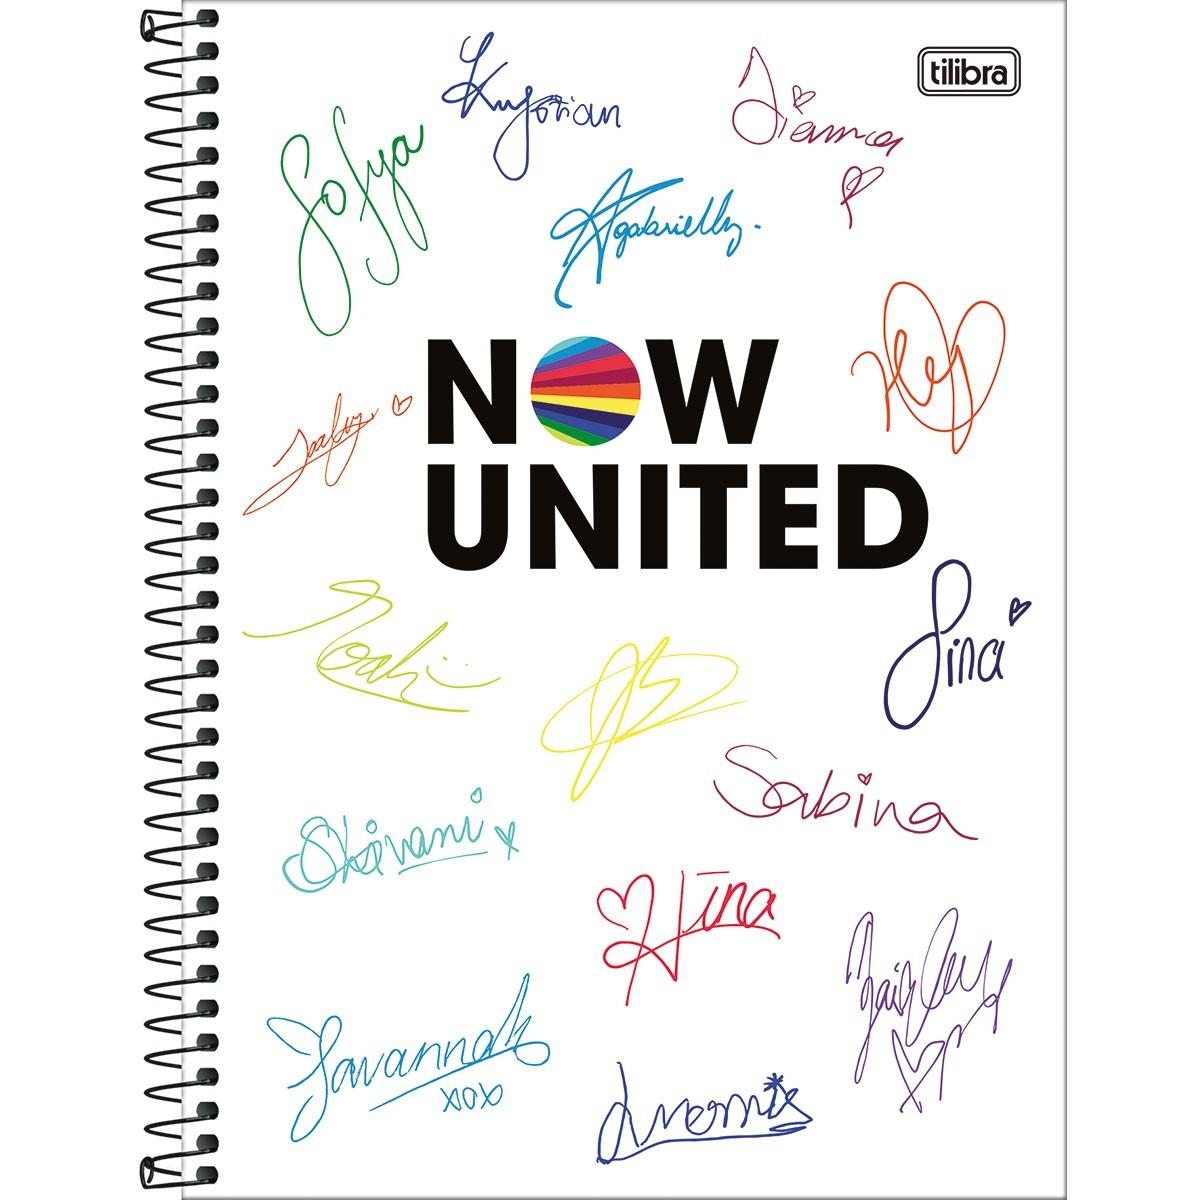 Caderno Espiral Capa Dura Universitário 10 Matérias Now United Branco 160 Folhas